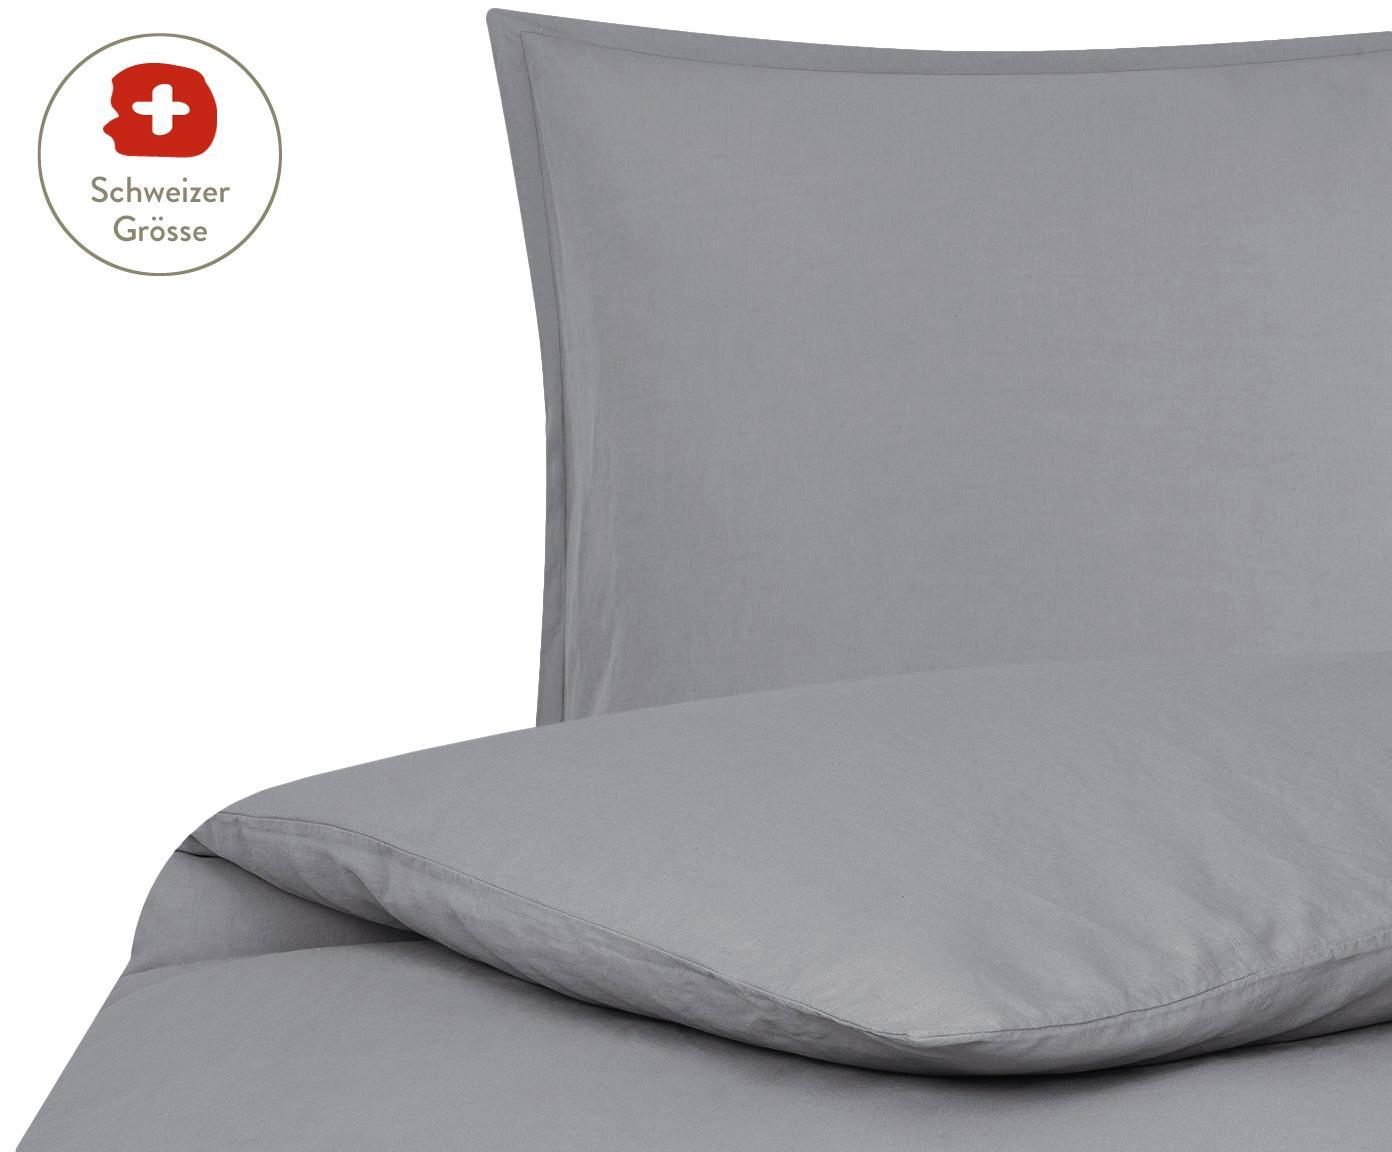 Gewaschener Leinen-Bettdeckenbezug Nature in Dunkelgrau, 52% Leinen, 48% Baumwolle Mit Stonewash-Effekt für einen weichen Griff, Dunkelgrau, 160 x 210 cm